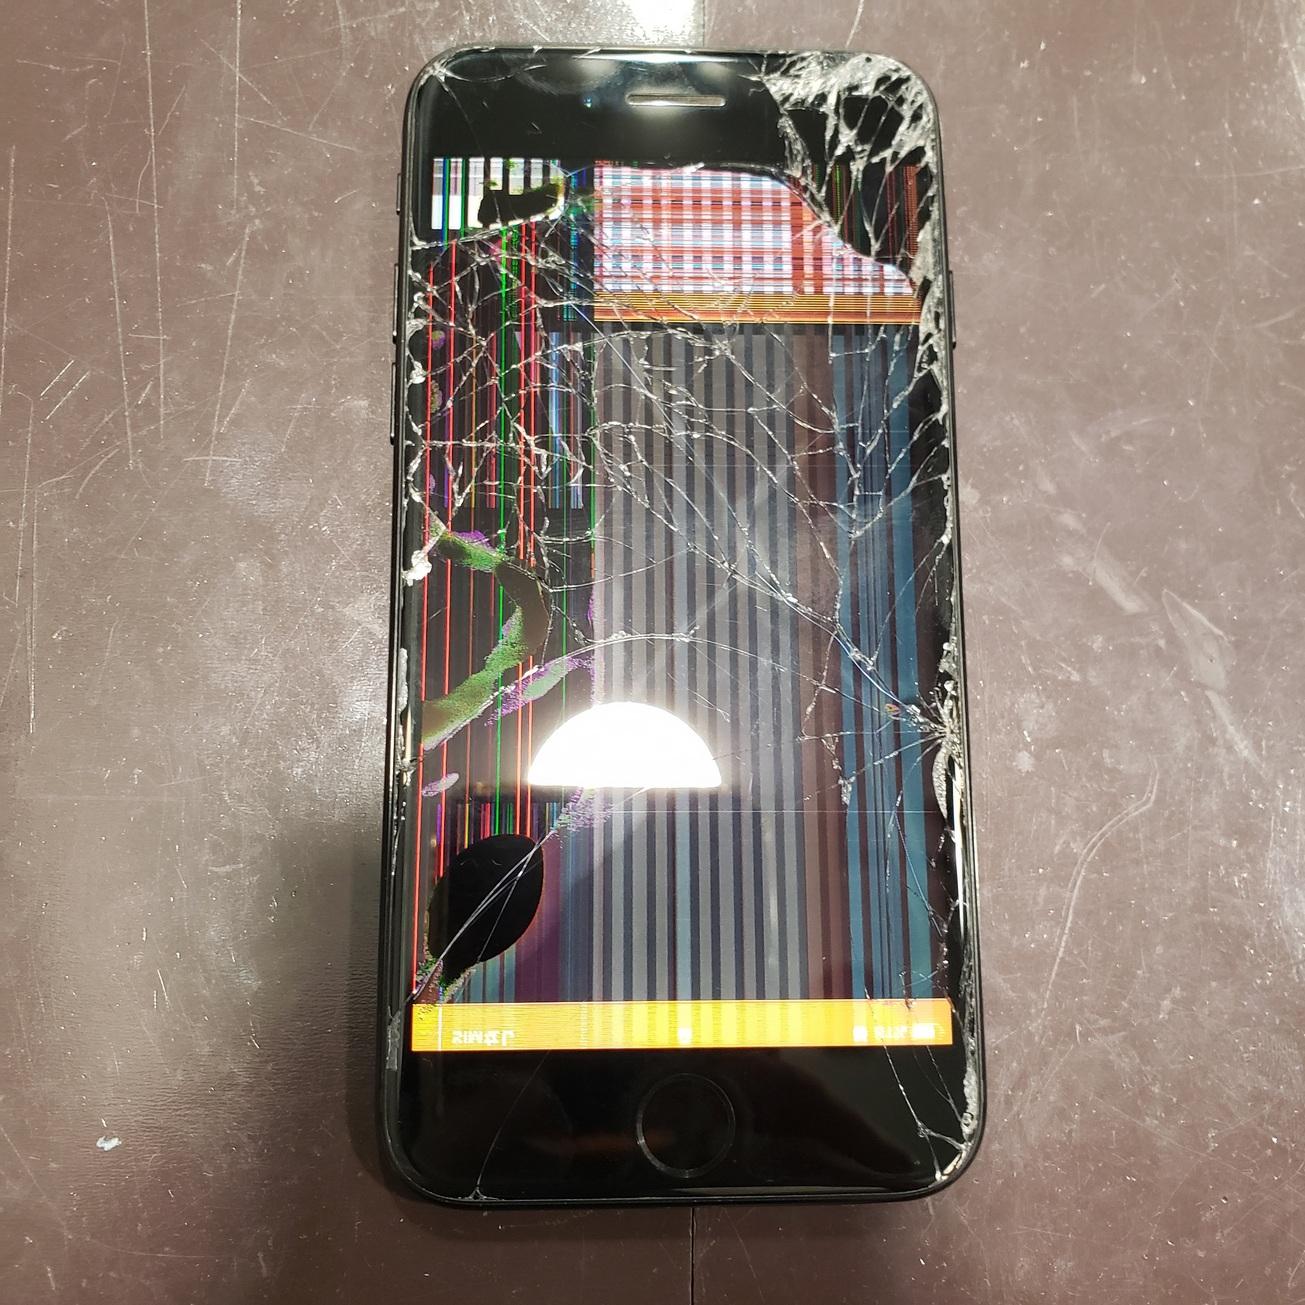 22時まで営業中!ご予約無しでも修理可能です!iPhone7画面修理【豊中市からお越しのお客様】℡072-767-1011